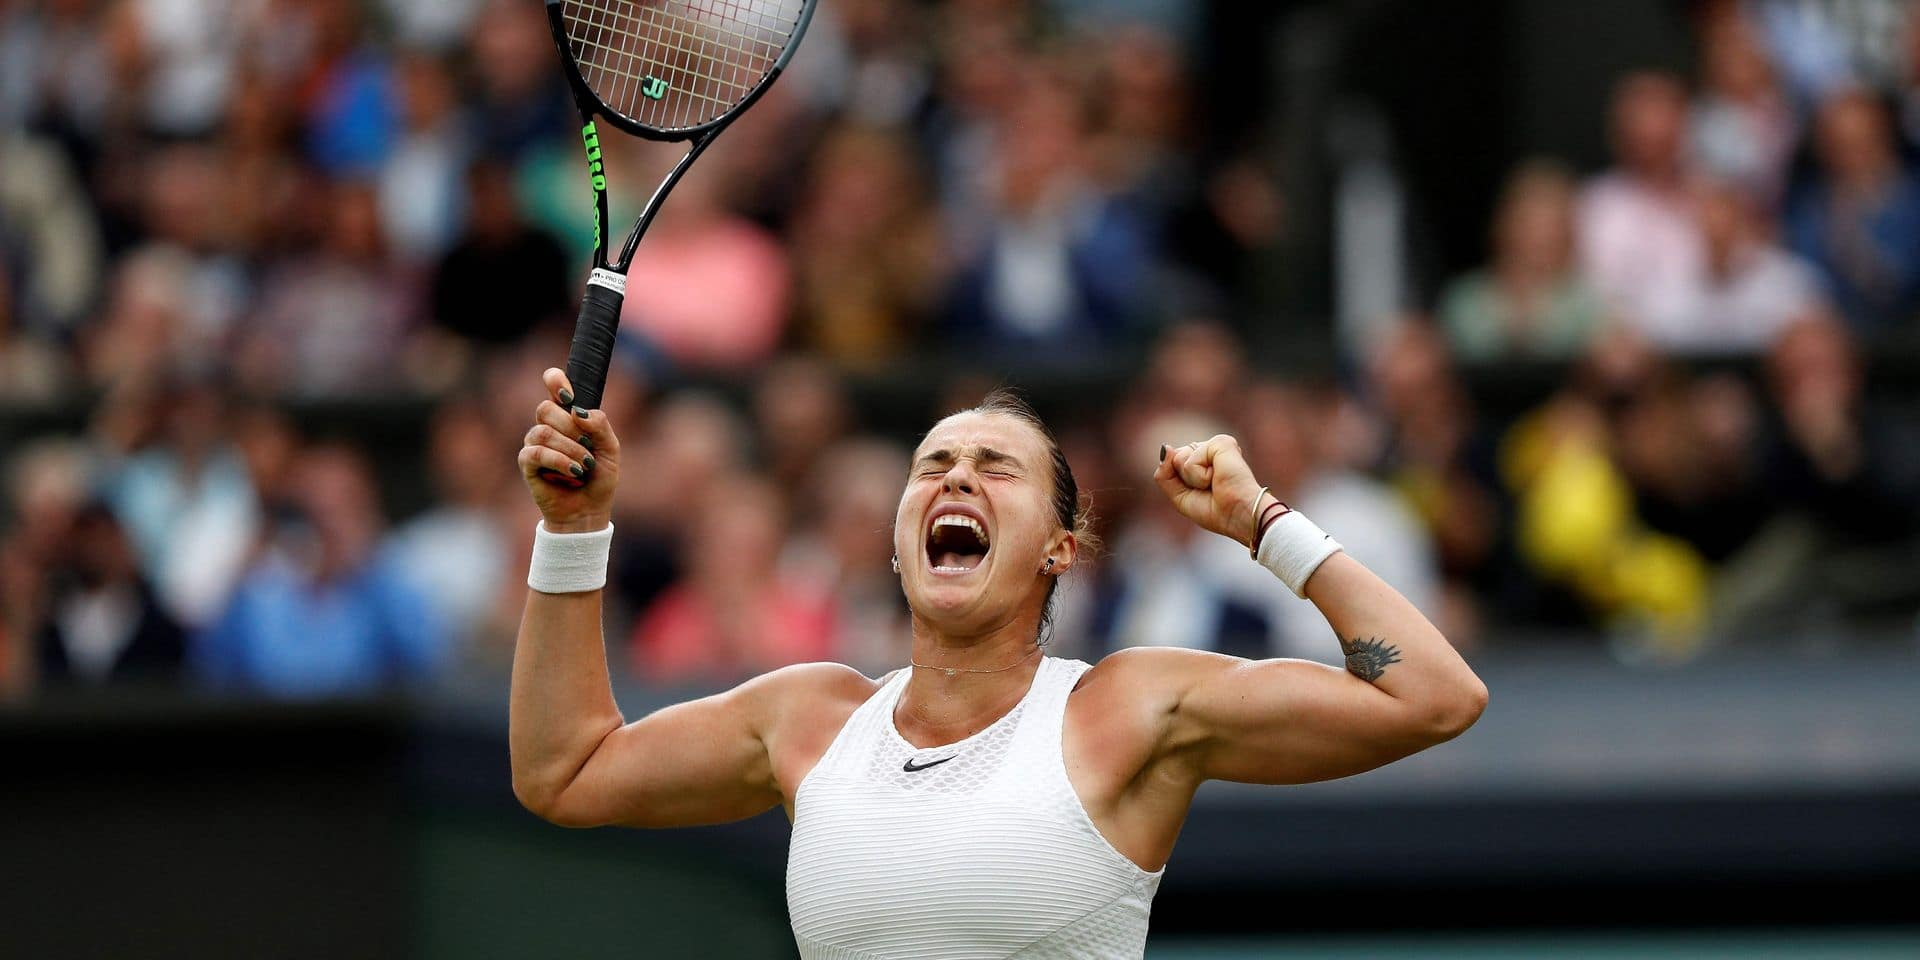 Le déclic d'Aryna Sabalenka à Wimbledon